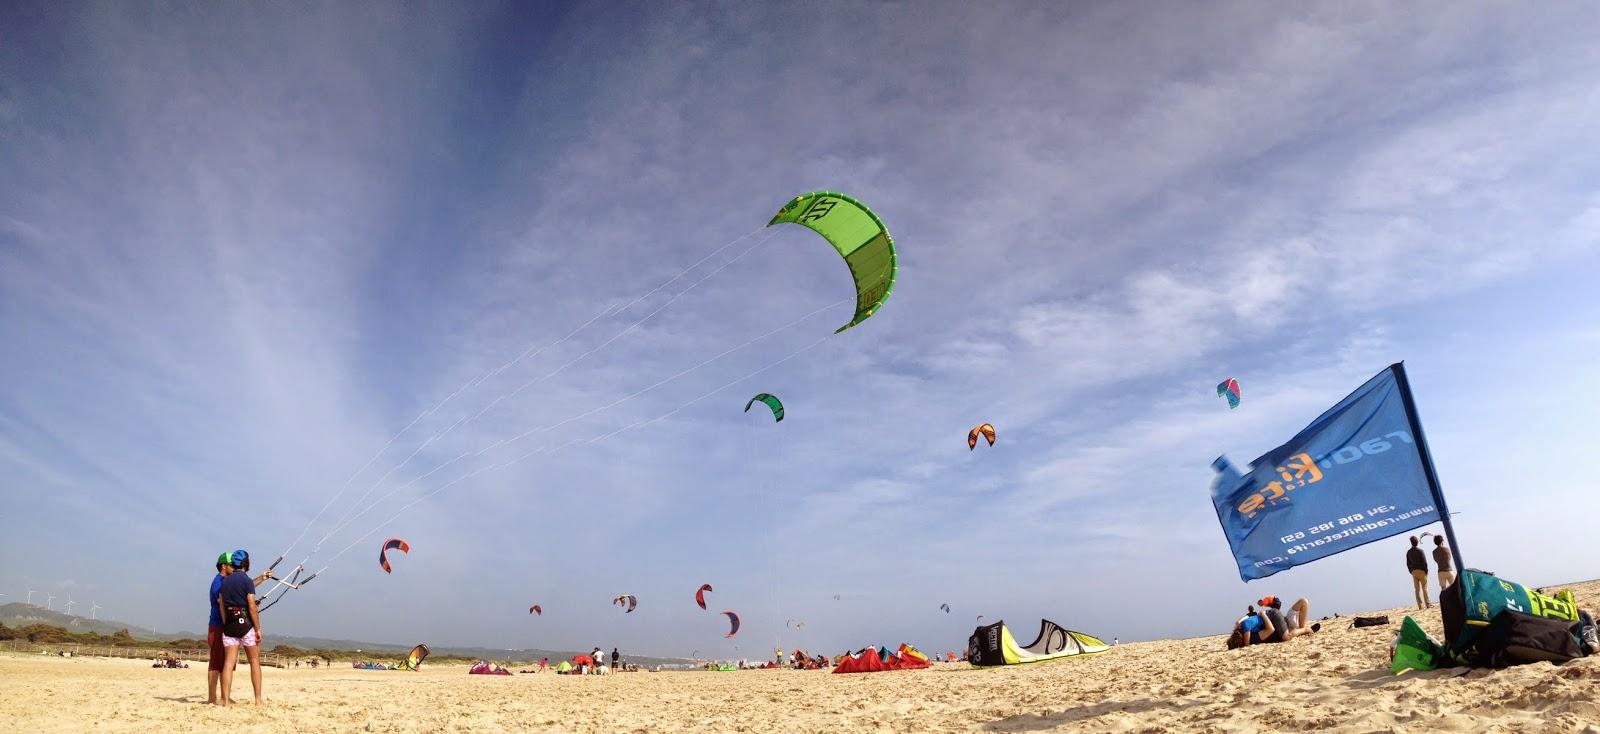 Cursos de KiteSurf en Tarifa con Radikite